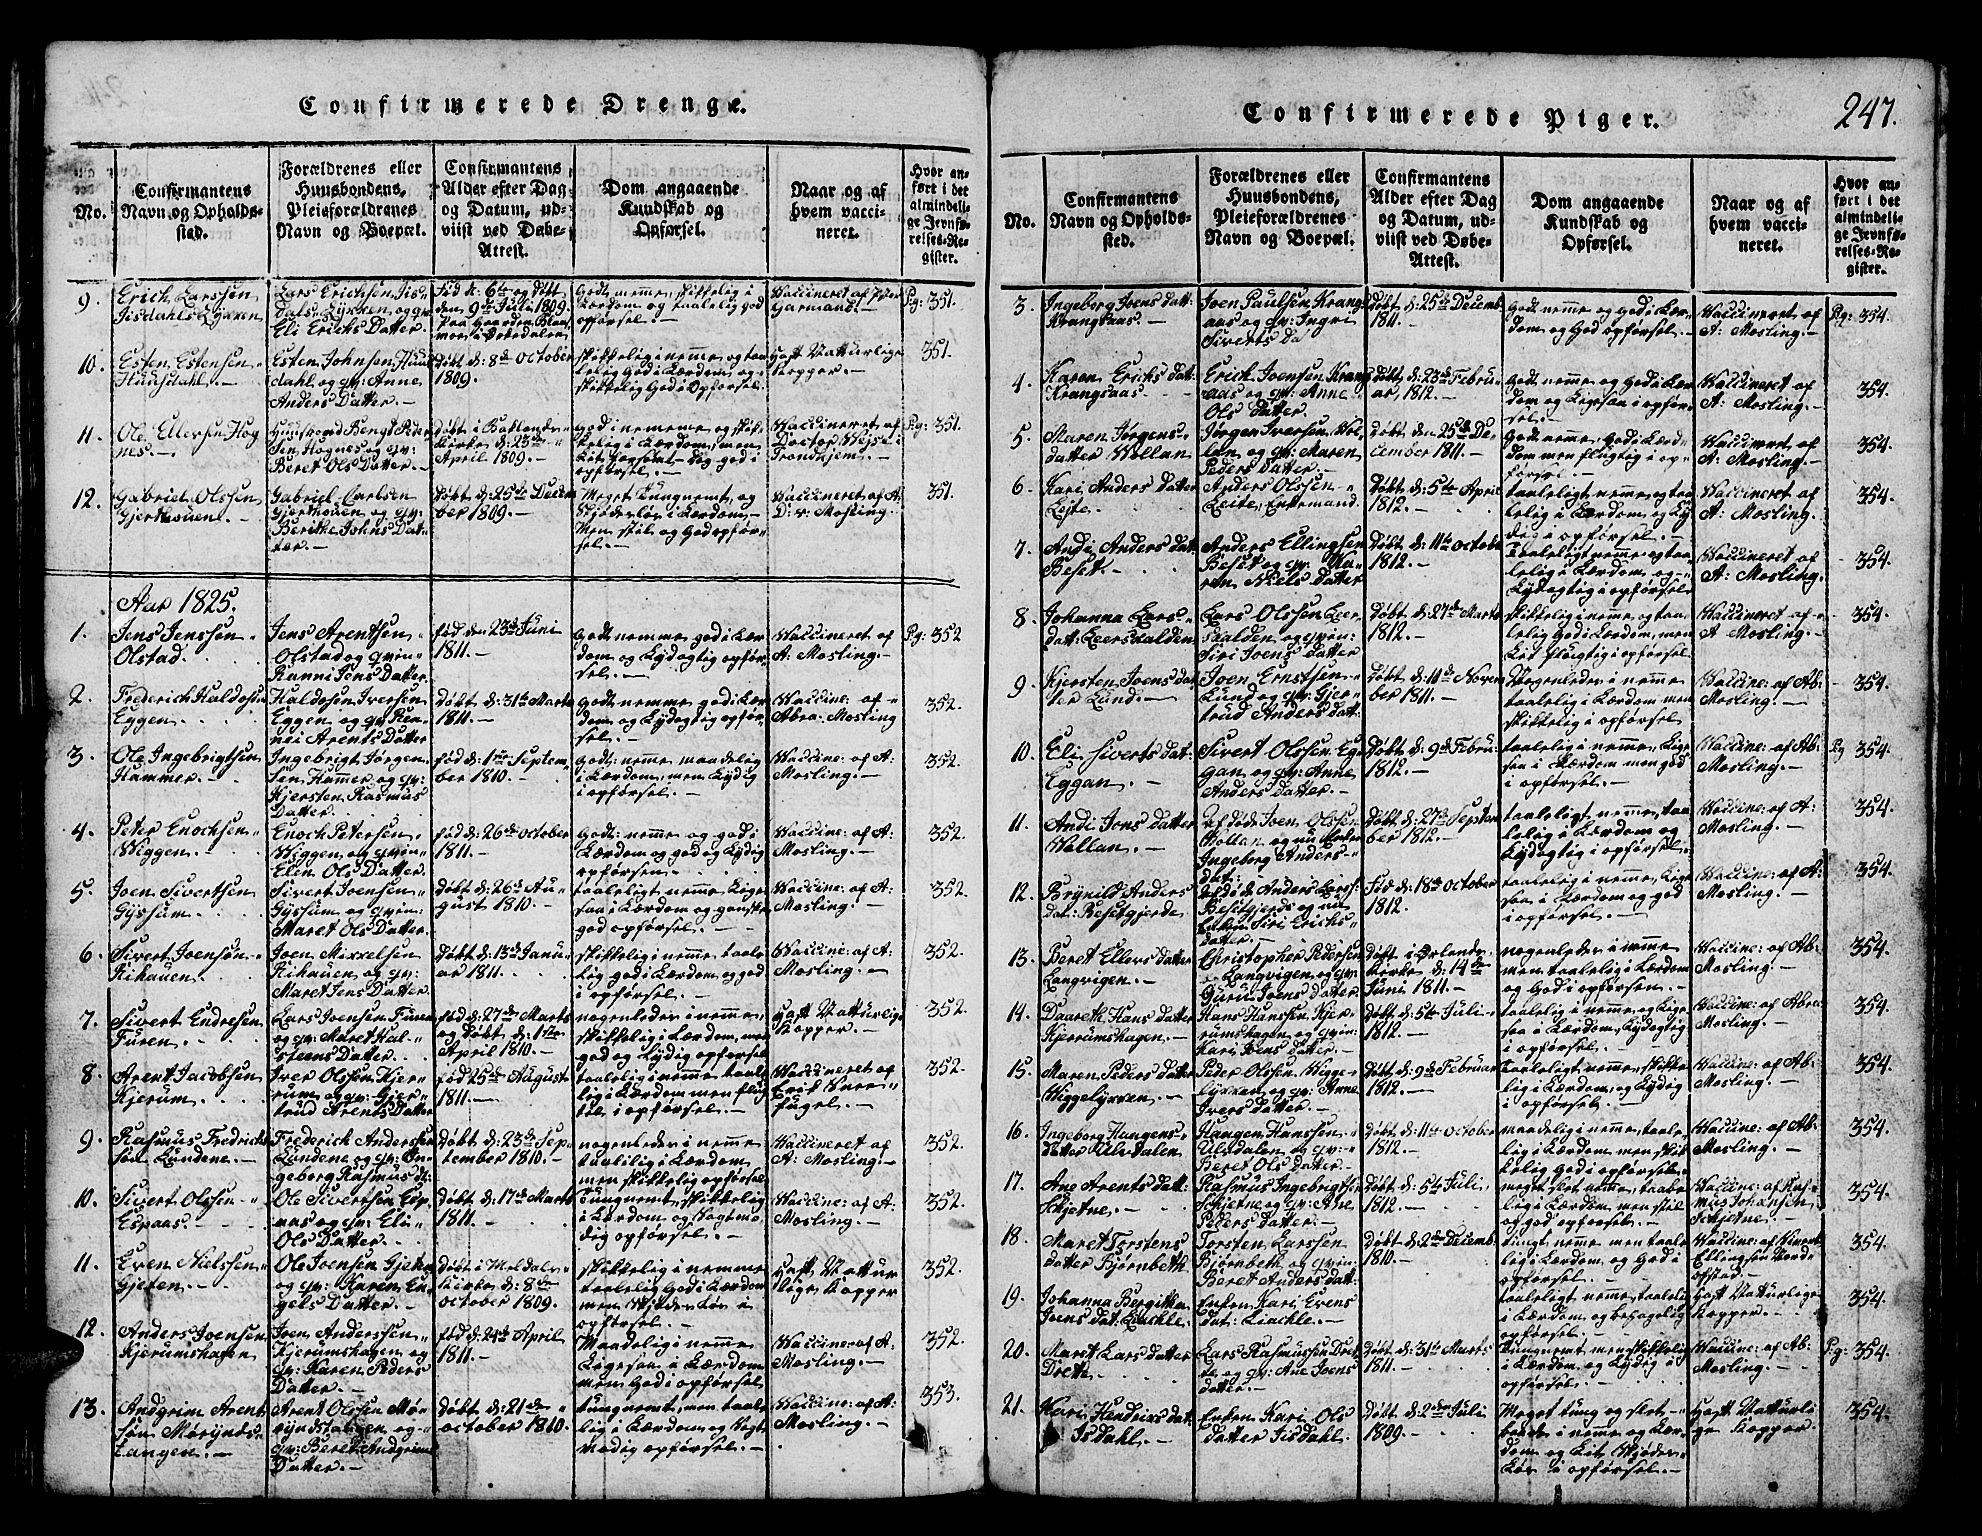 SAT, Ministerialprotokoller, klokkerbøker og fødselsregistre - Sør-Trøndelag, 665/L0776: Klokkerbok nr. 665C01, 1817-1837, s. 247